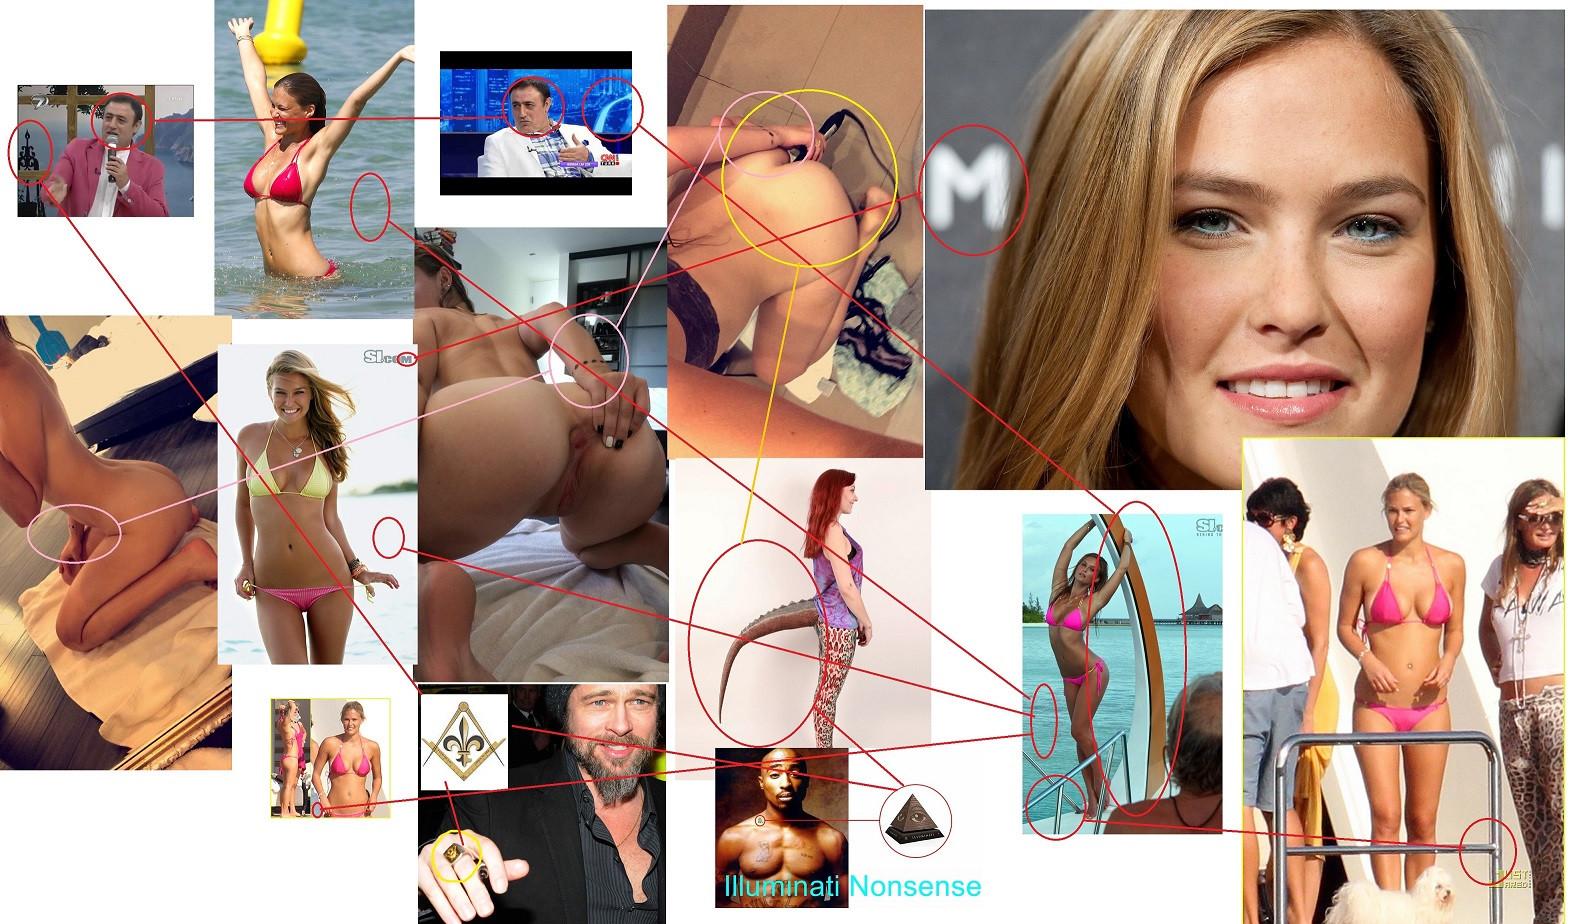 Бар рафаэли видео порно, на кровати лежит бразильская девушка с большими сиськами